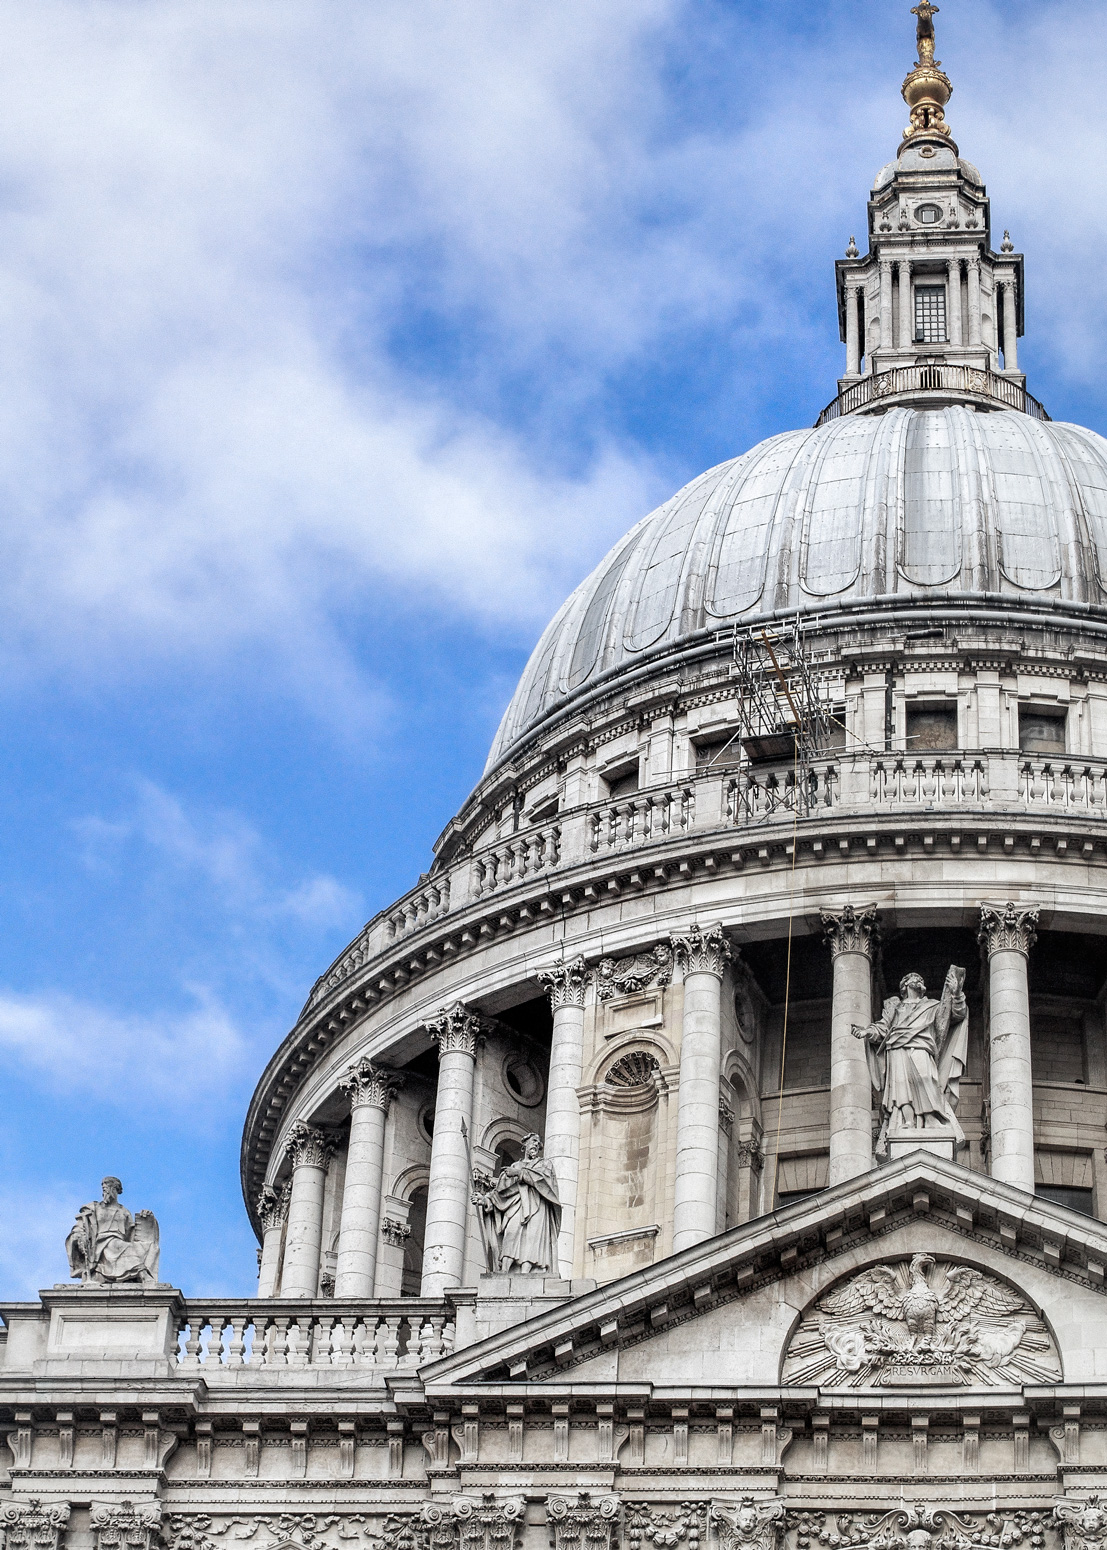 St Paul's London, England